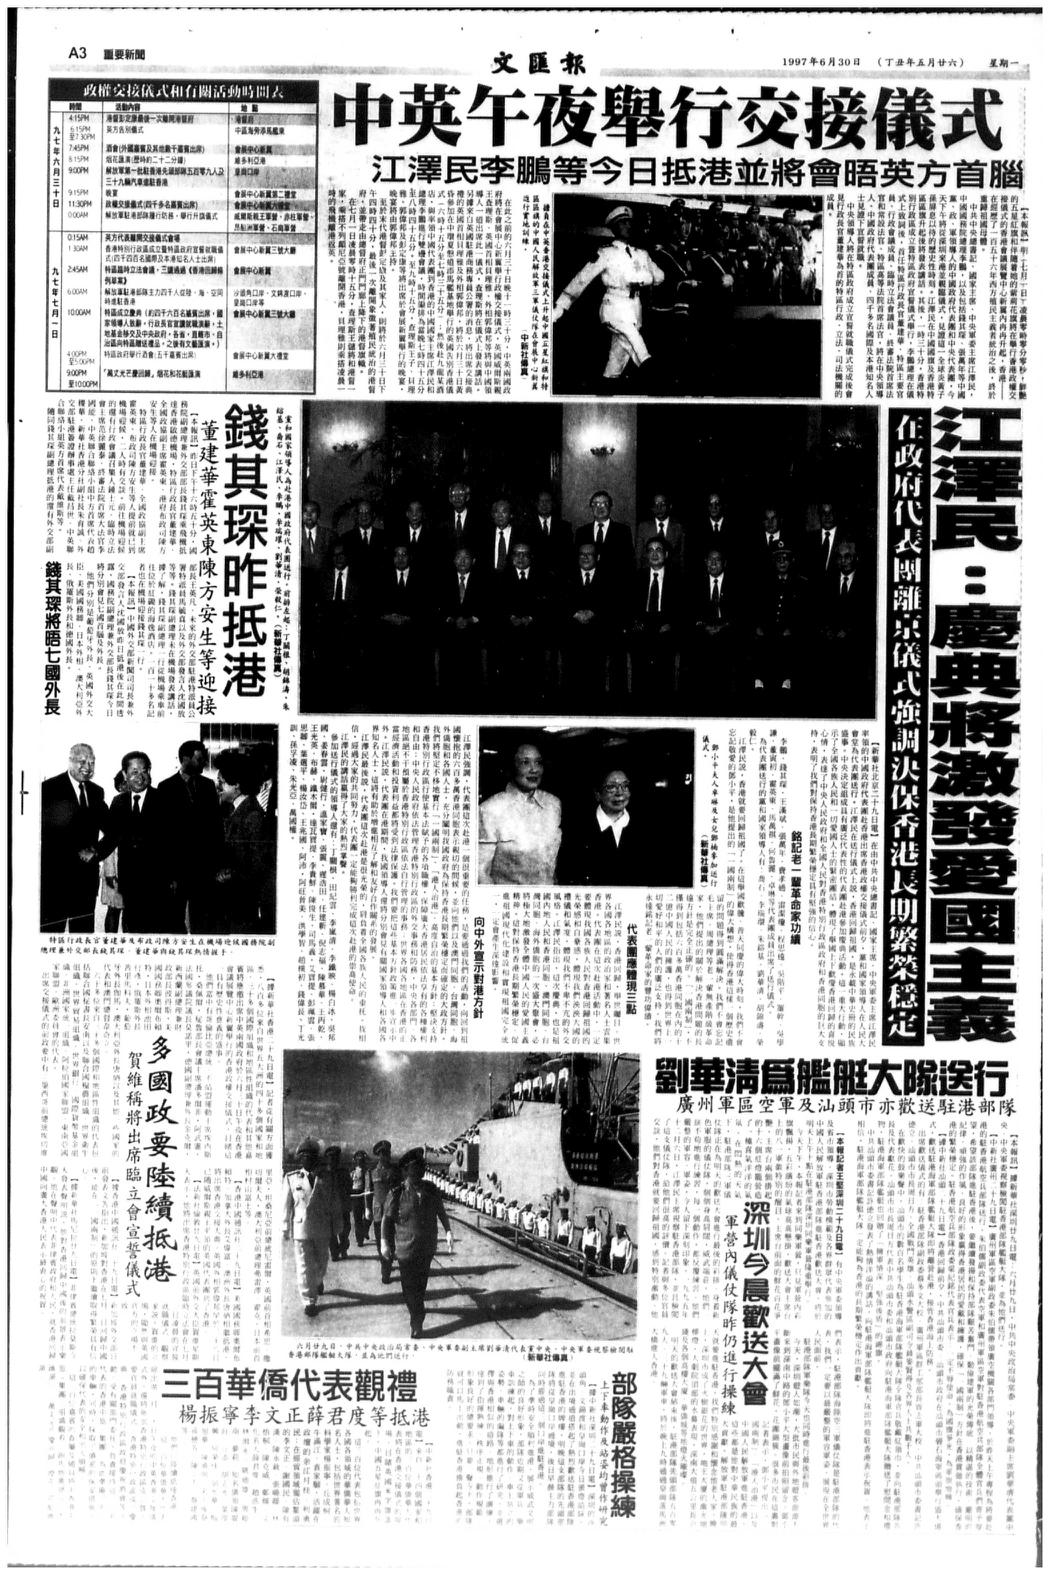 1997年6月30日,《文匯》宣告:中英午夜舉行交接儀式,並傳達江澤民的預言:「慶典將激發愛國主義」